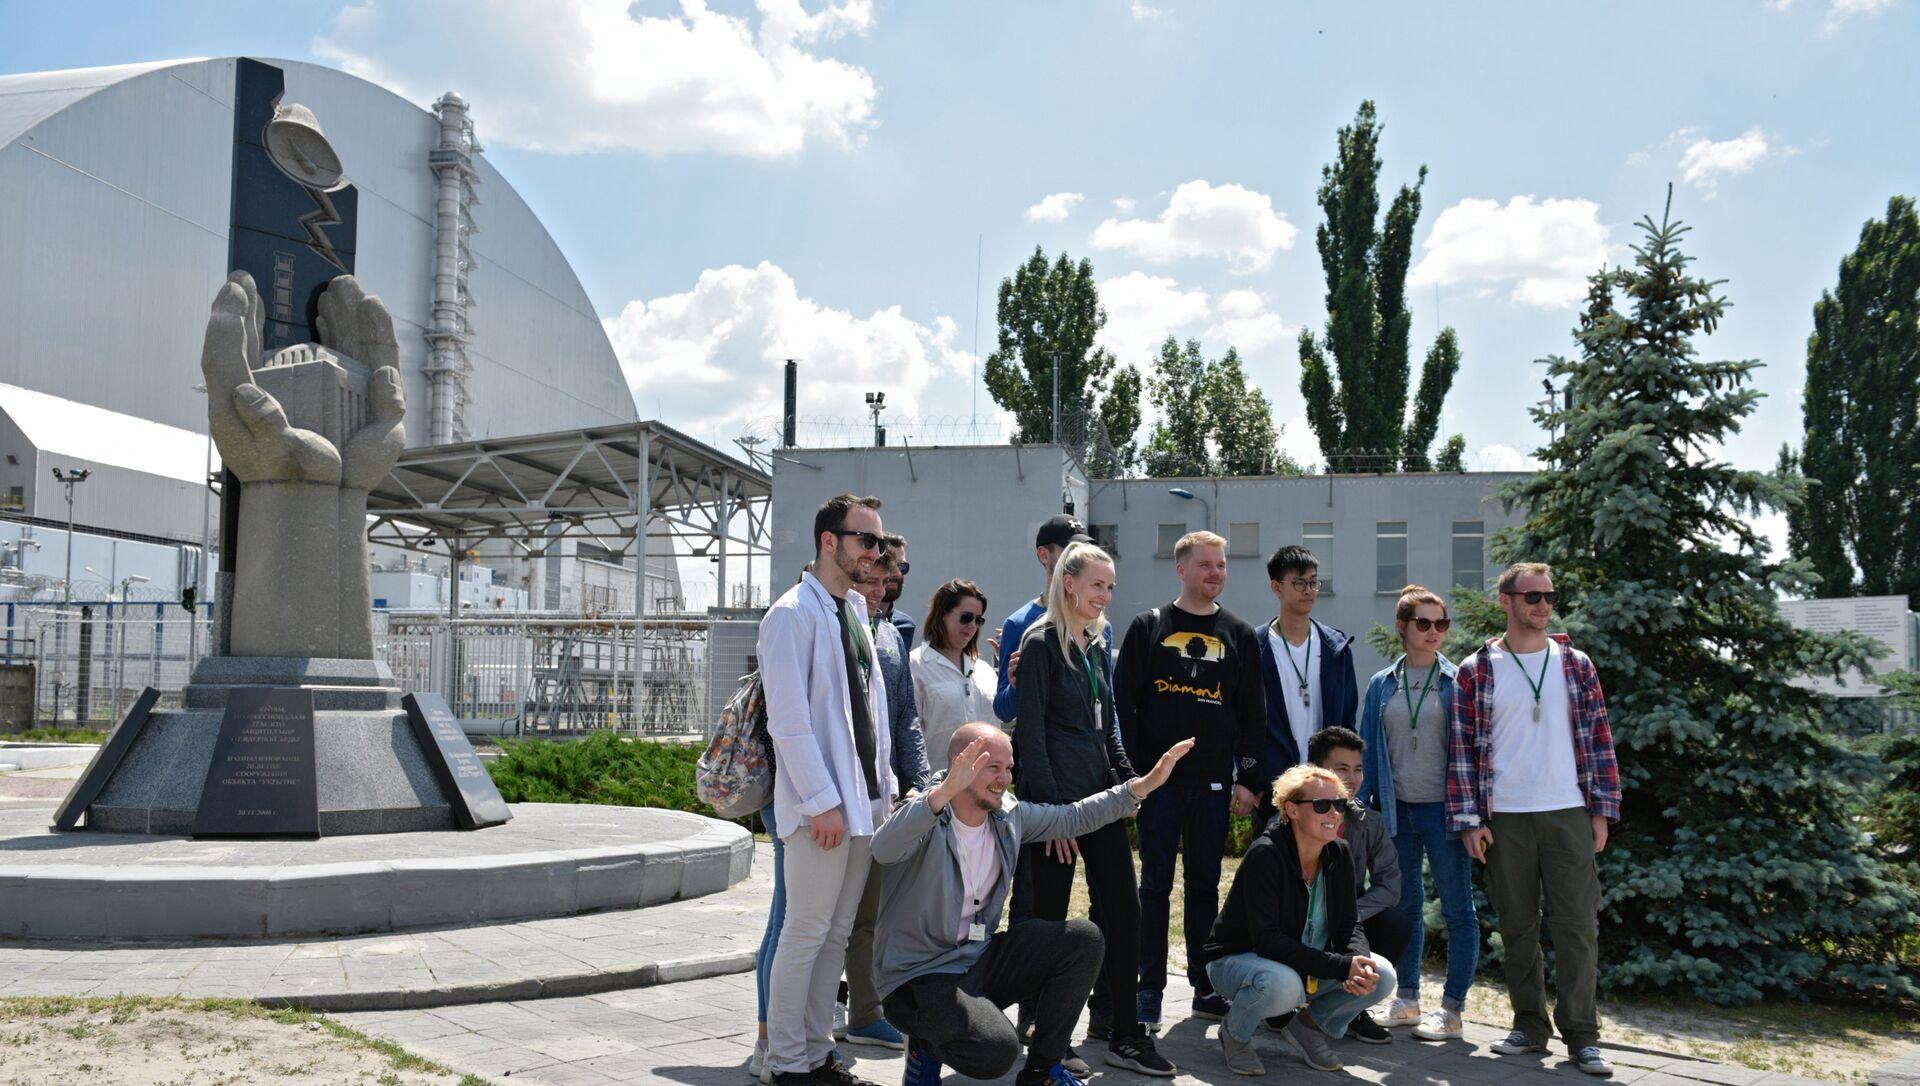 Chernobyl, oggi: turisti davanti al monumento ai liquidatori, sullo sfondo del nuovo sarcofago che ricopre il reattore 4 - Sputnik Italia, 1920, 18.05.2021